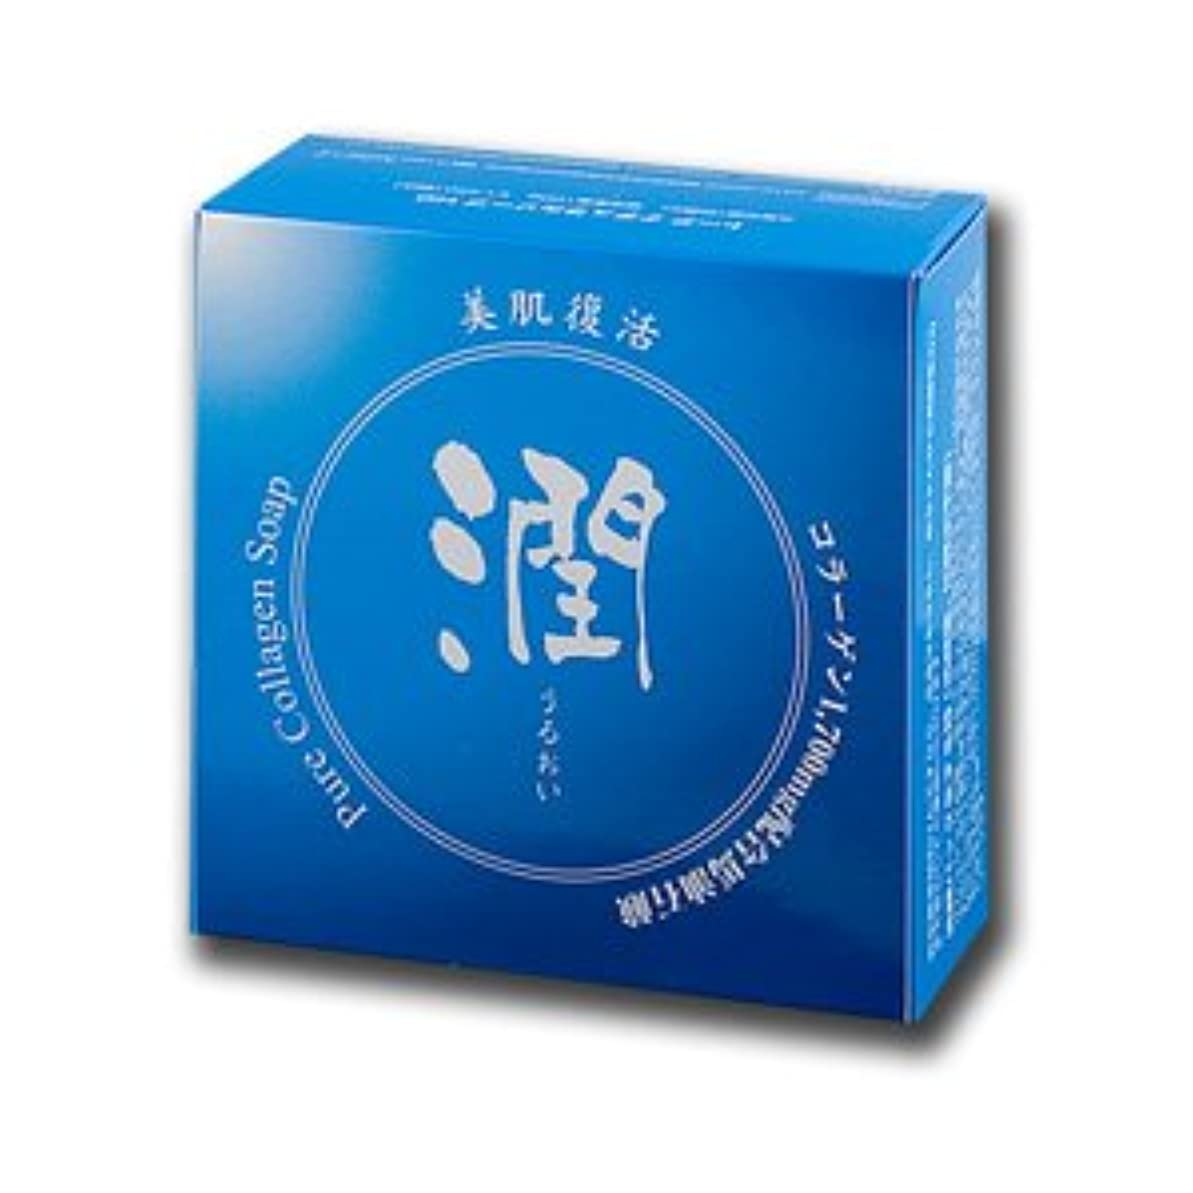 流暢樫の木エアコンコラーゲン馬油石鹸 潤 100g (#800410) ×6個セット